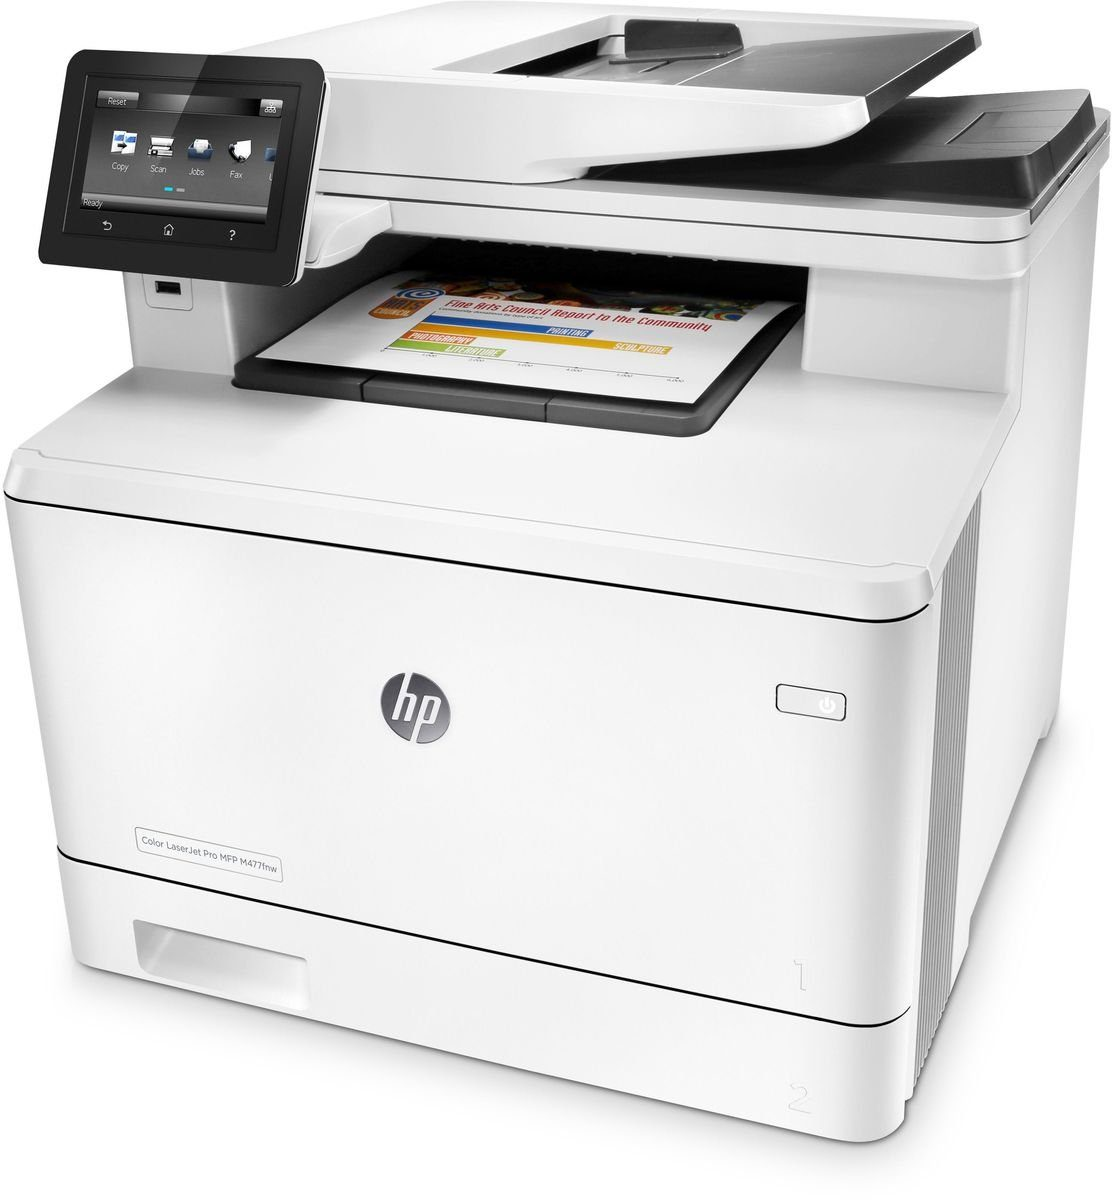 HEWLETT-PACKARD Farblaser-Multifunktionsdrucker »MFP M477fnw 4in1 Multifunktionsdrucker«